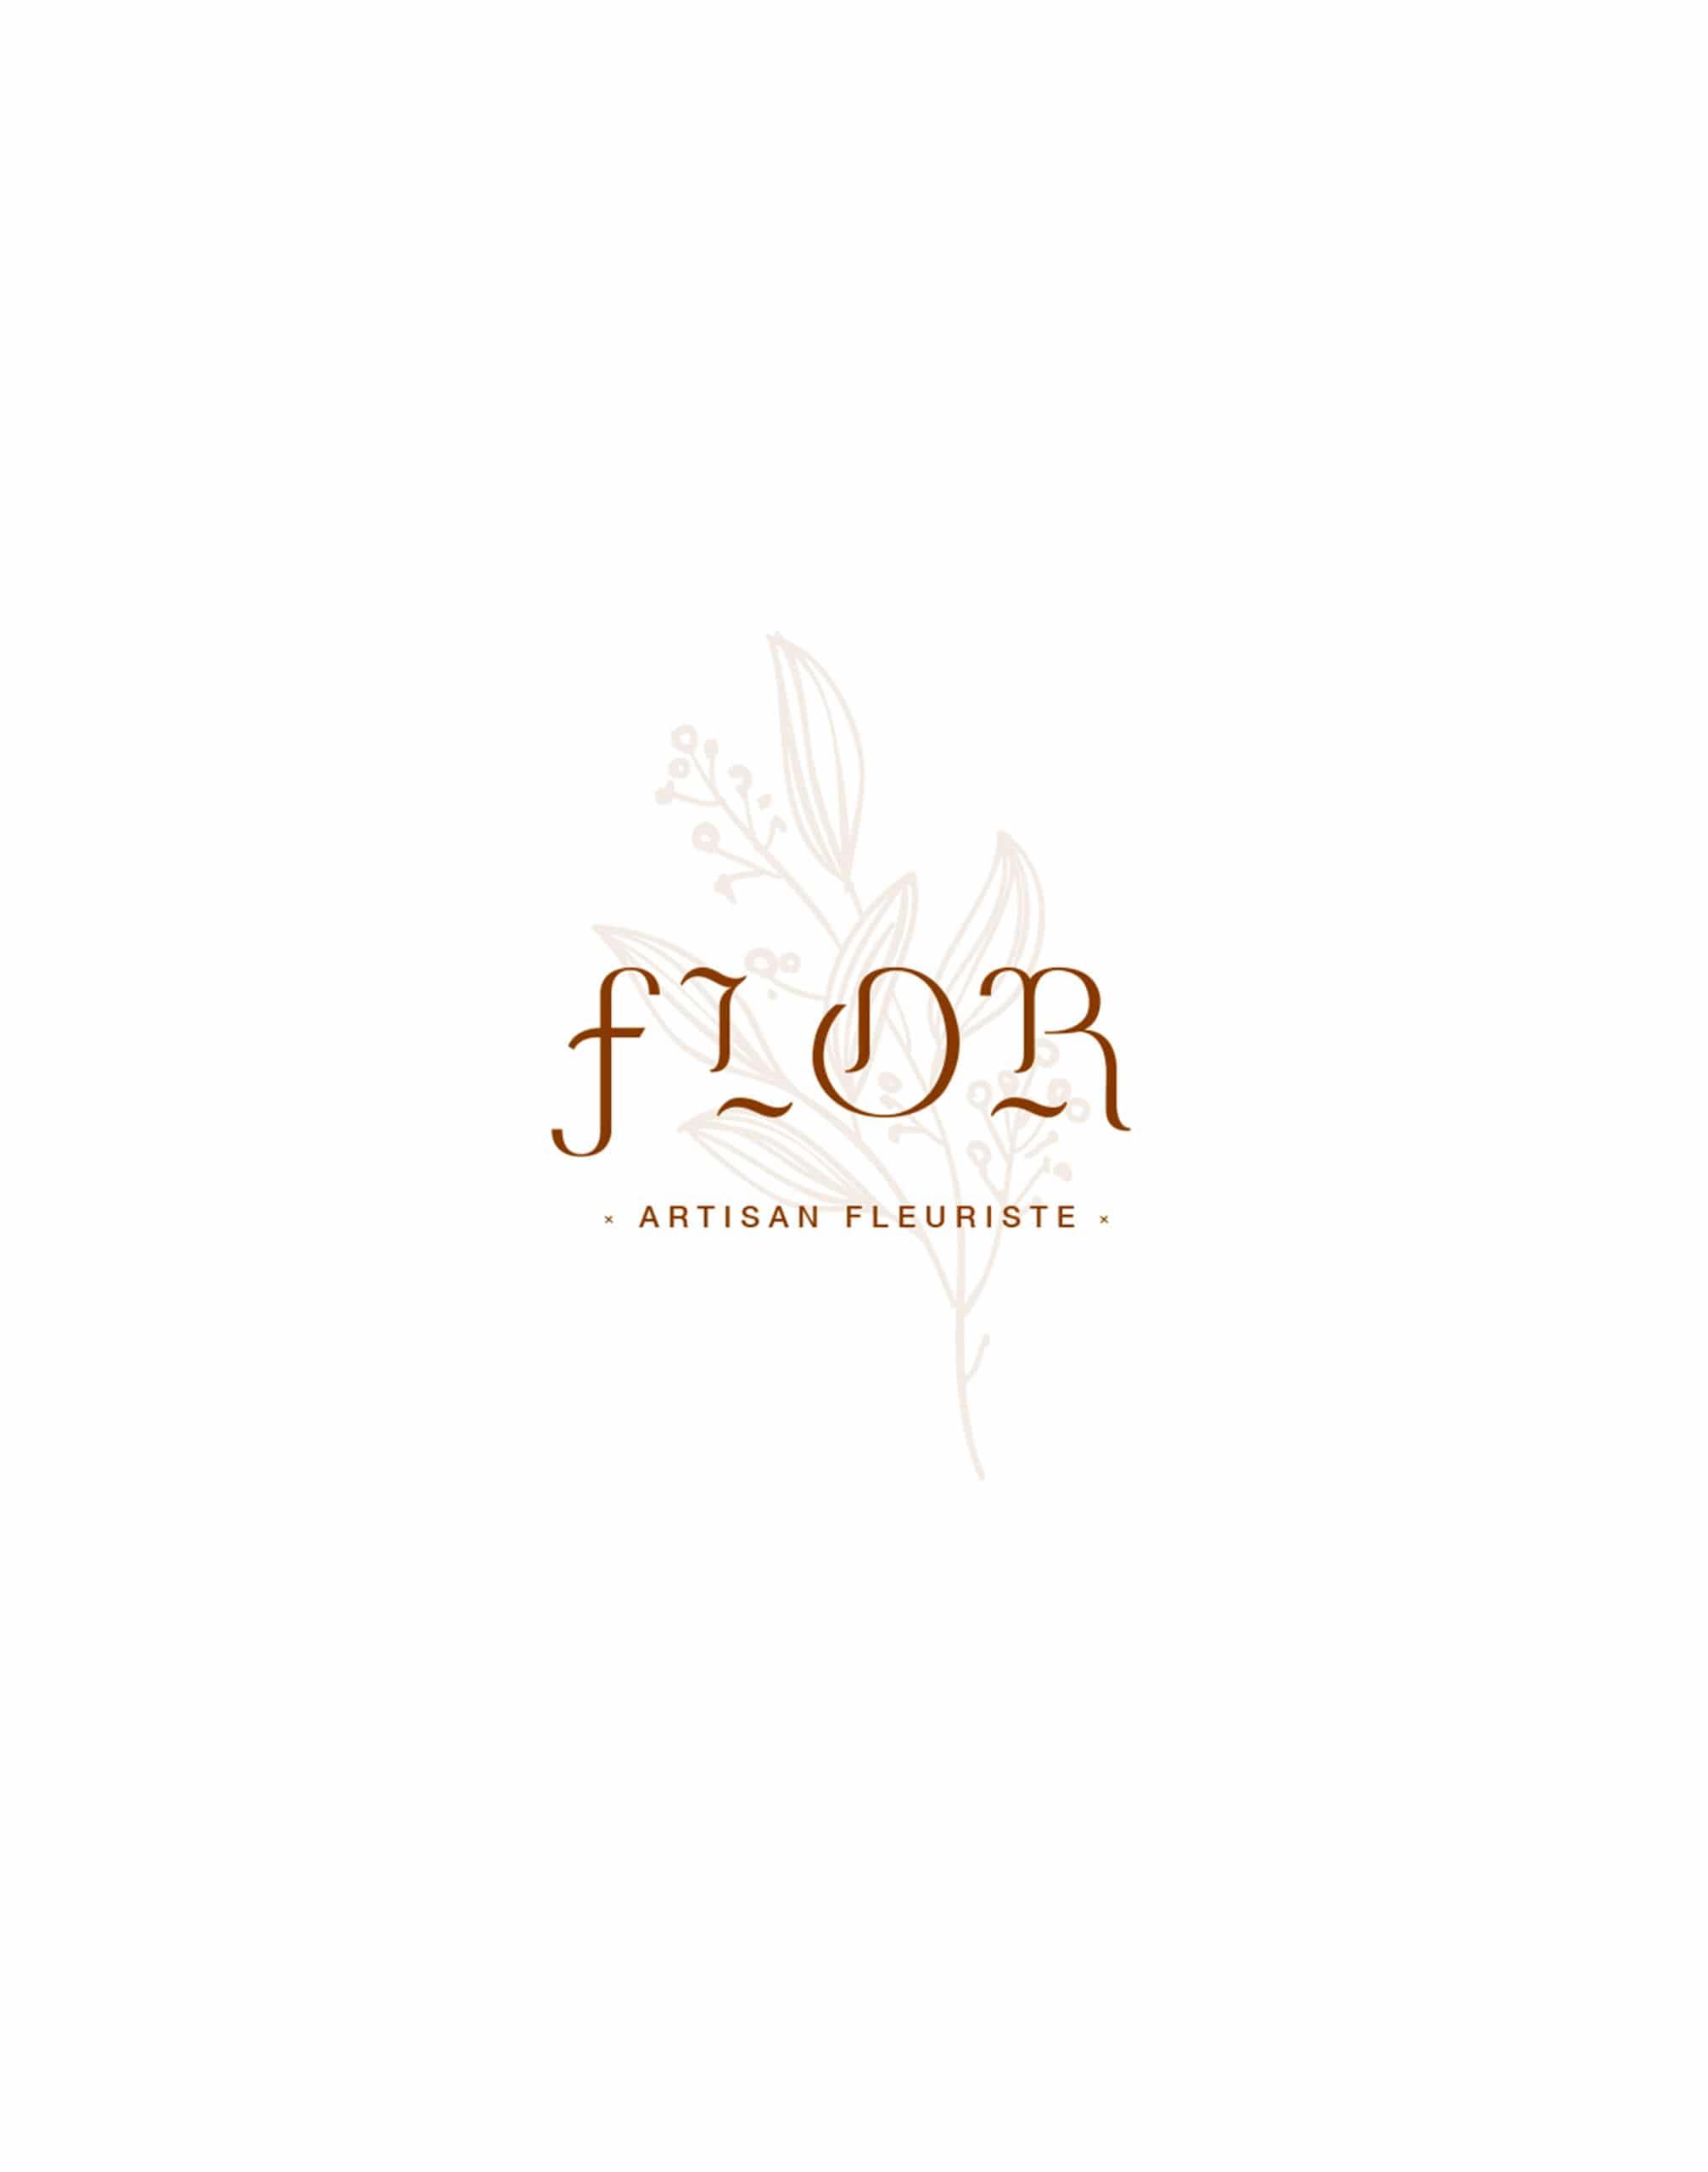 Logo Flor en couleurs marron clair avec une fleur en arrière plan sur fond blanc